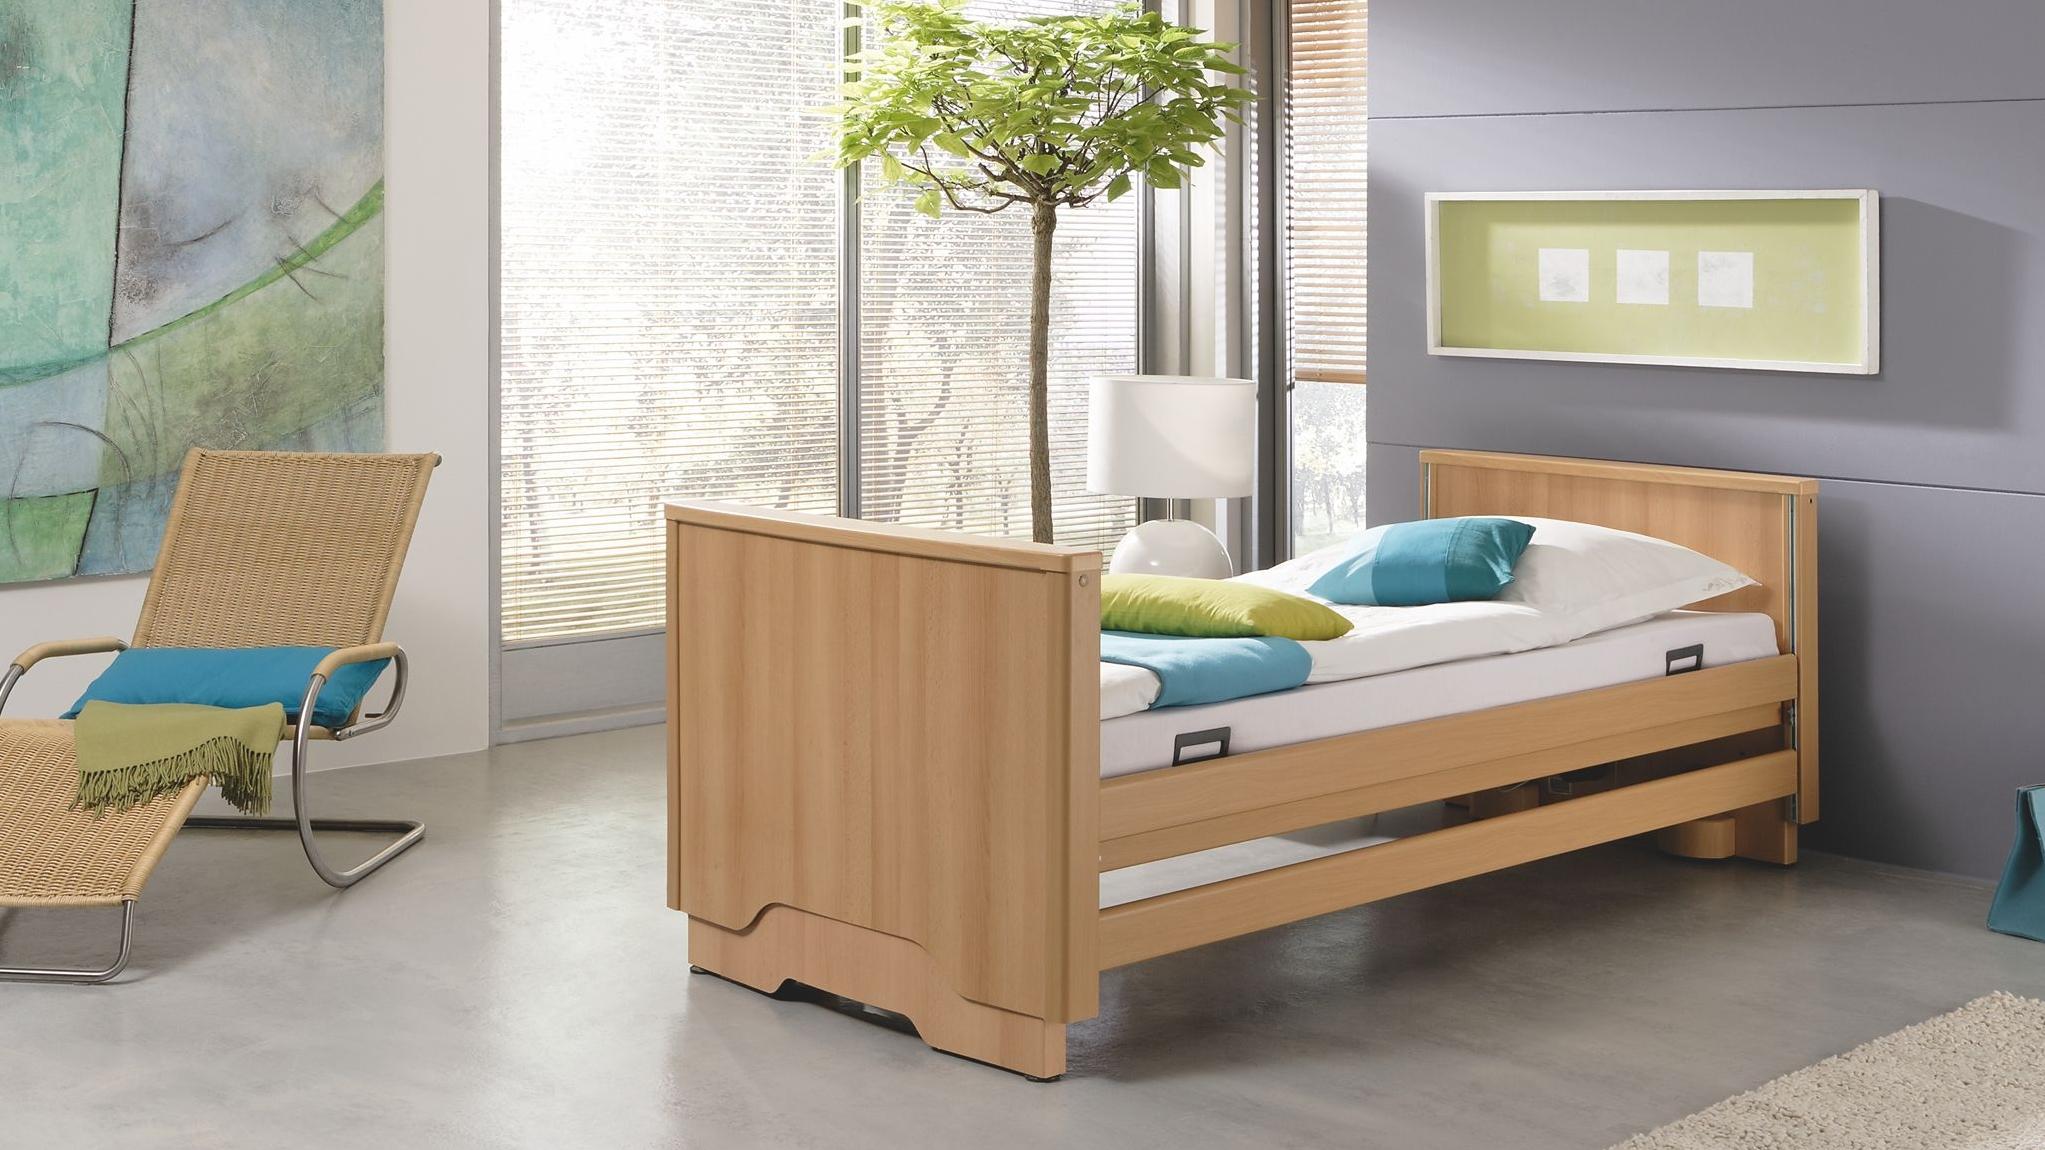 Moderne Betten für die Pflege zuhause